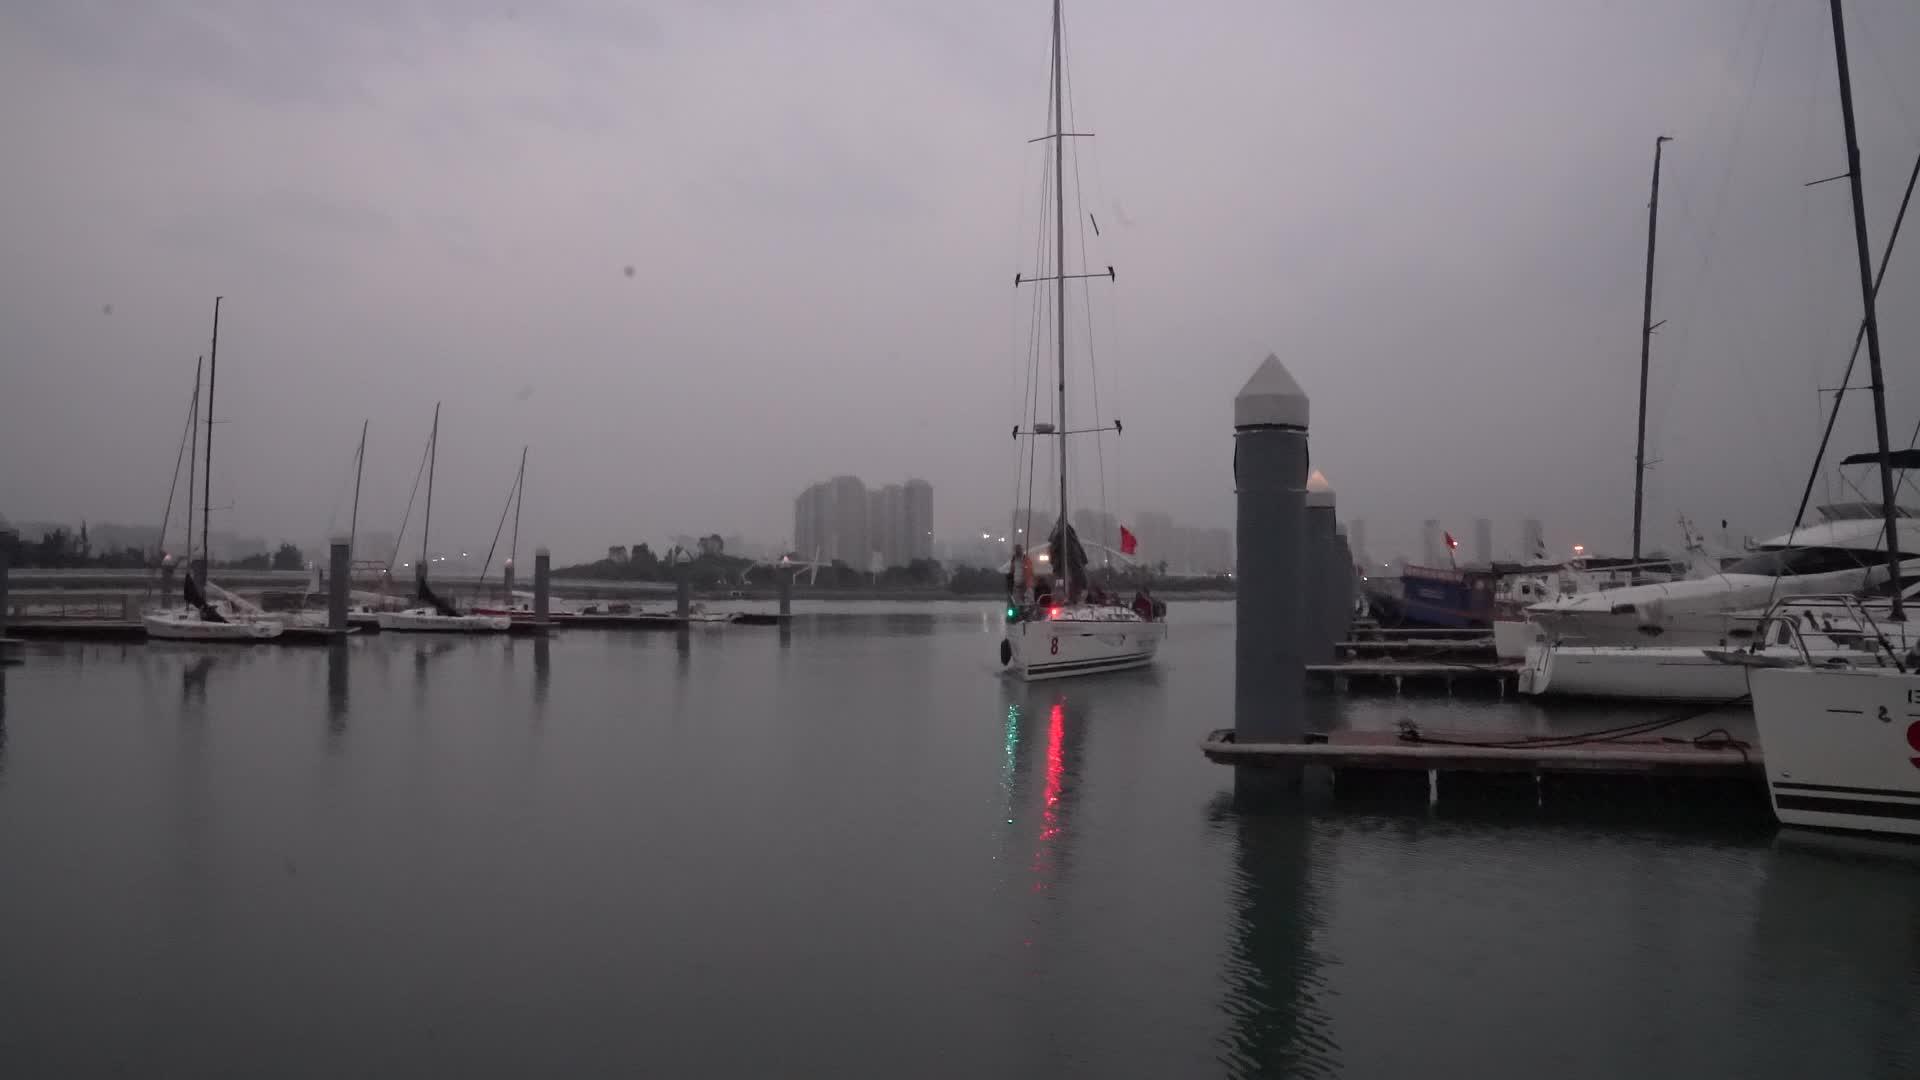 船队陆续抵达厦门 8号帆船缓缓驶入港口